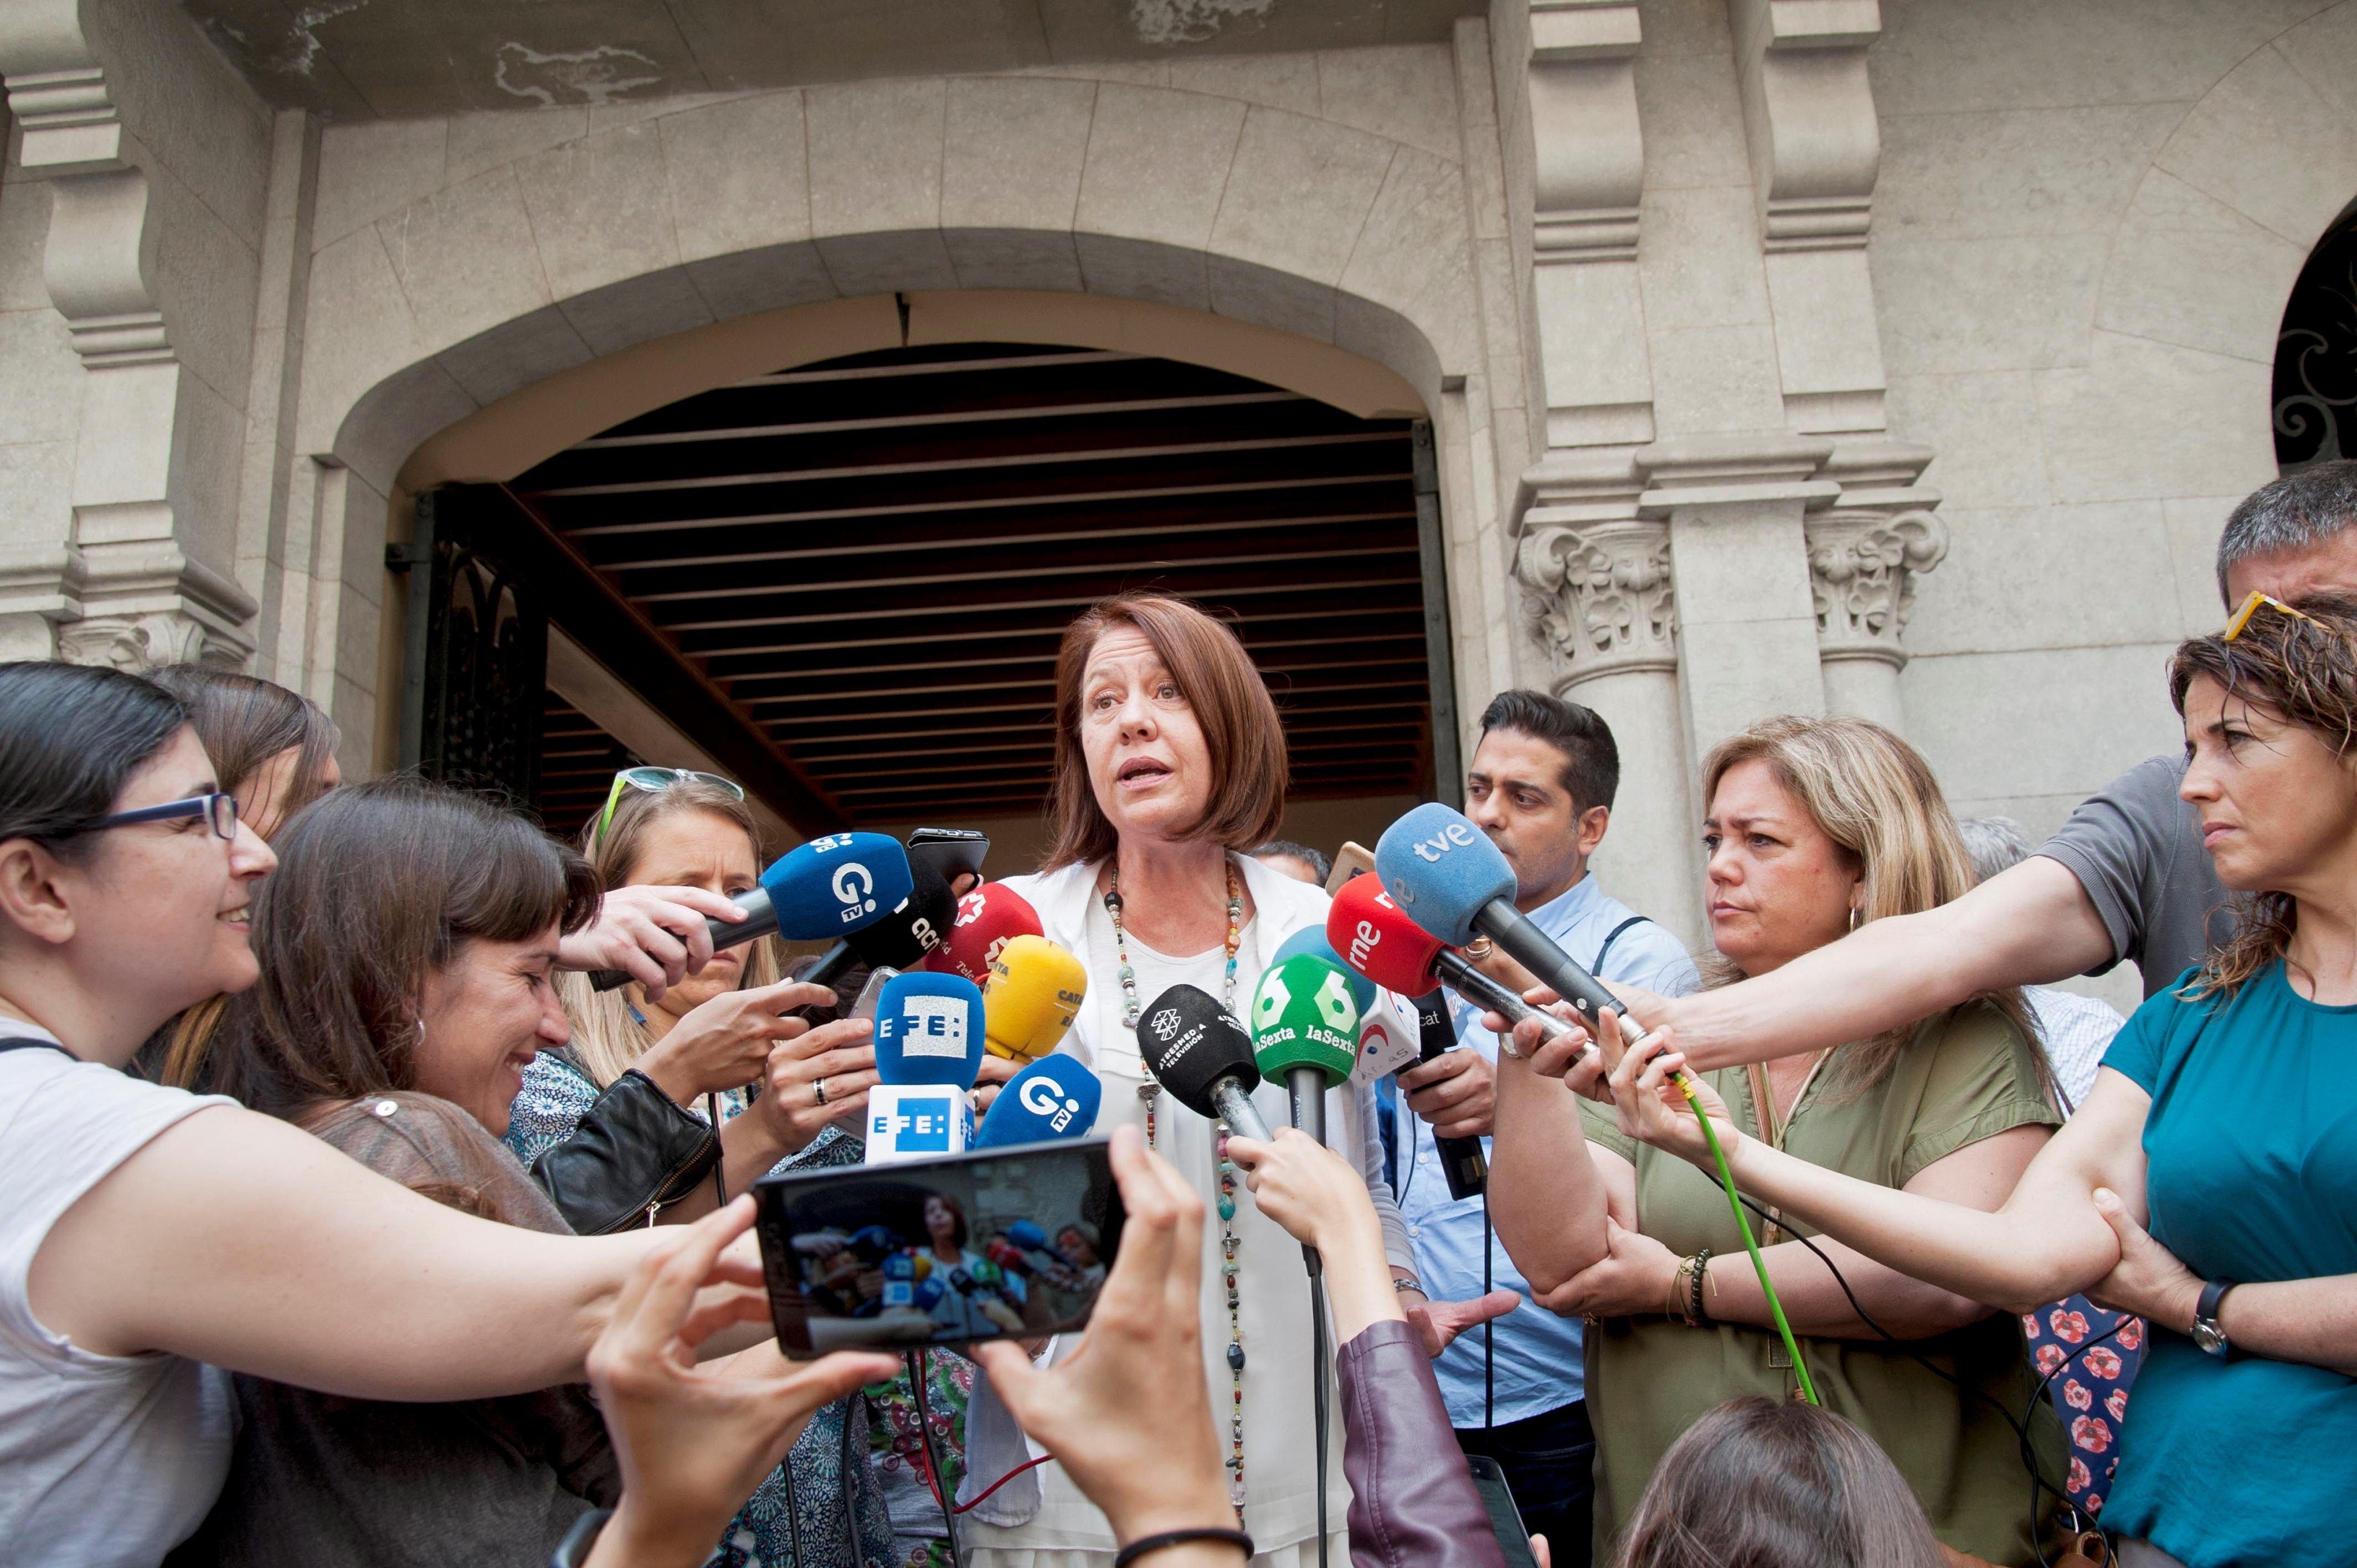 Registran tres ayuntamientos de Girona por malversación en la gestión del agua